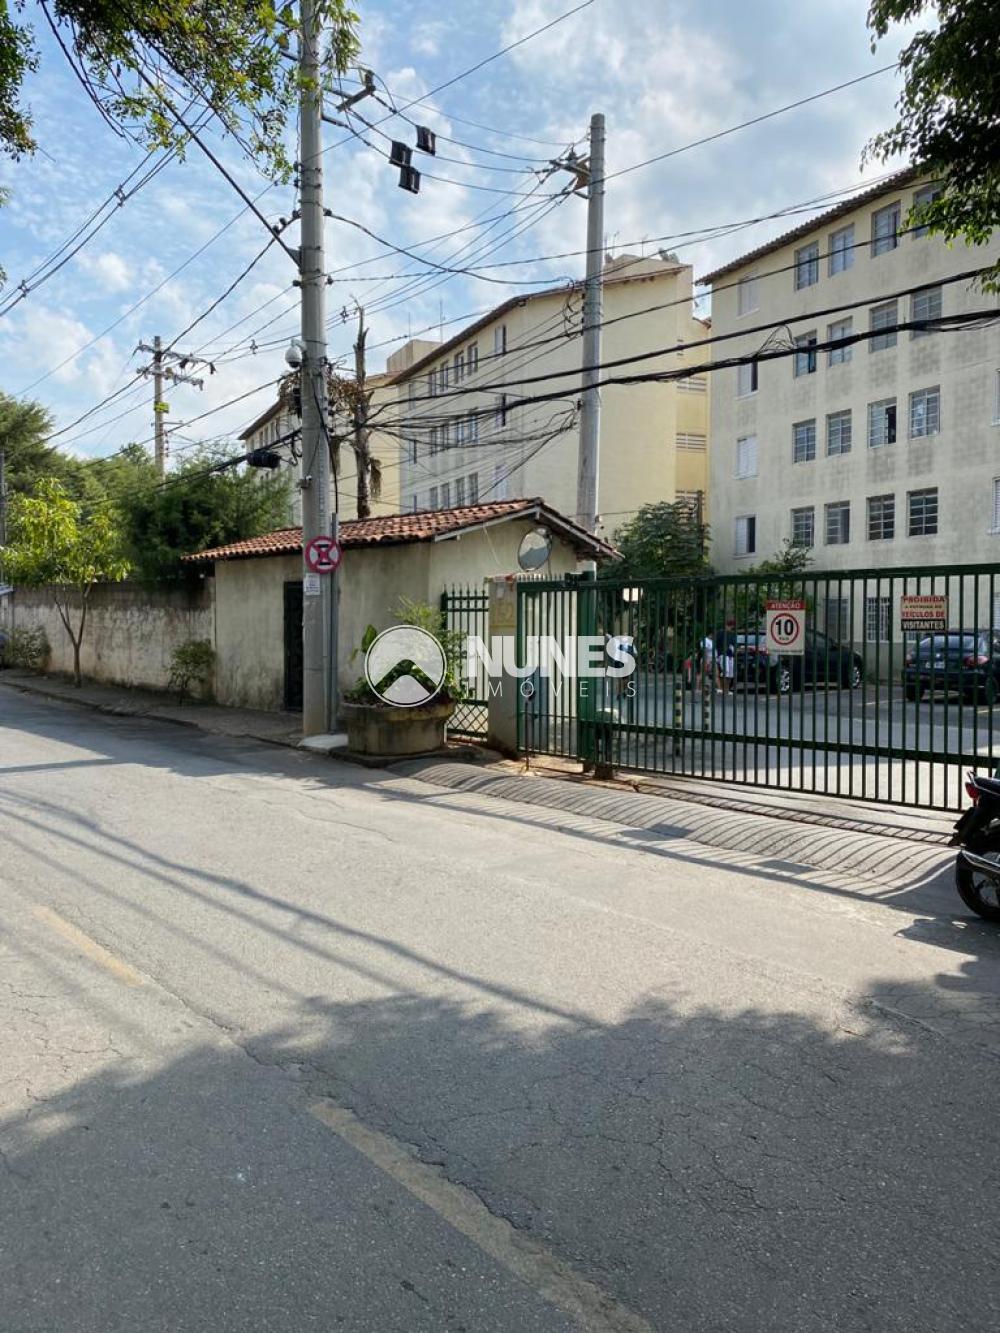 Comprar Apartamento / Padrão em Cotia R$ 160.000,00 - Foto 1